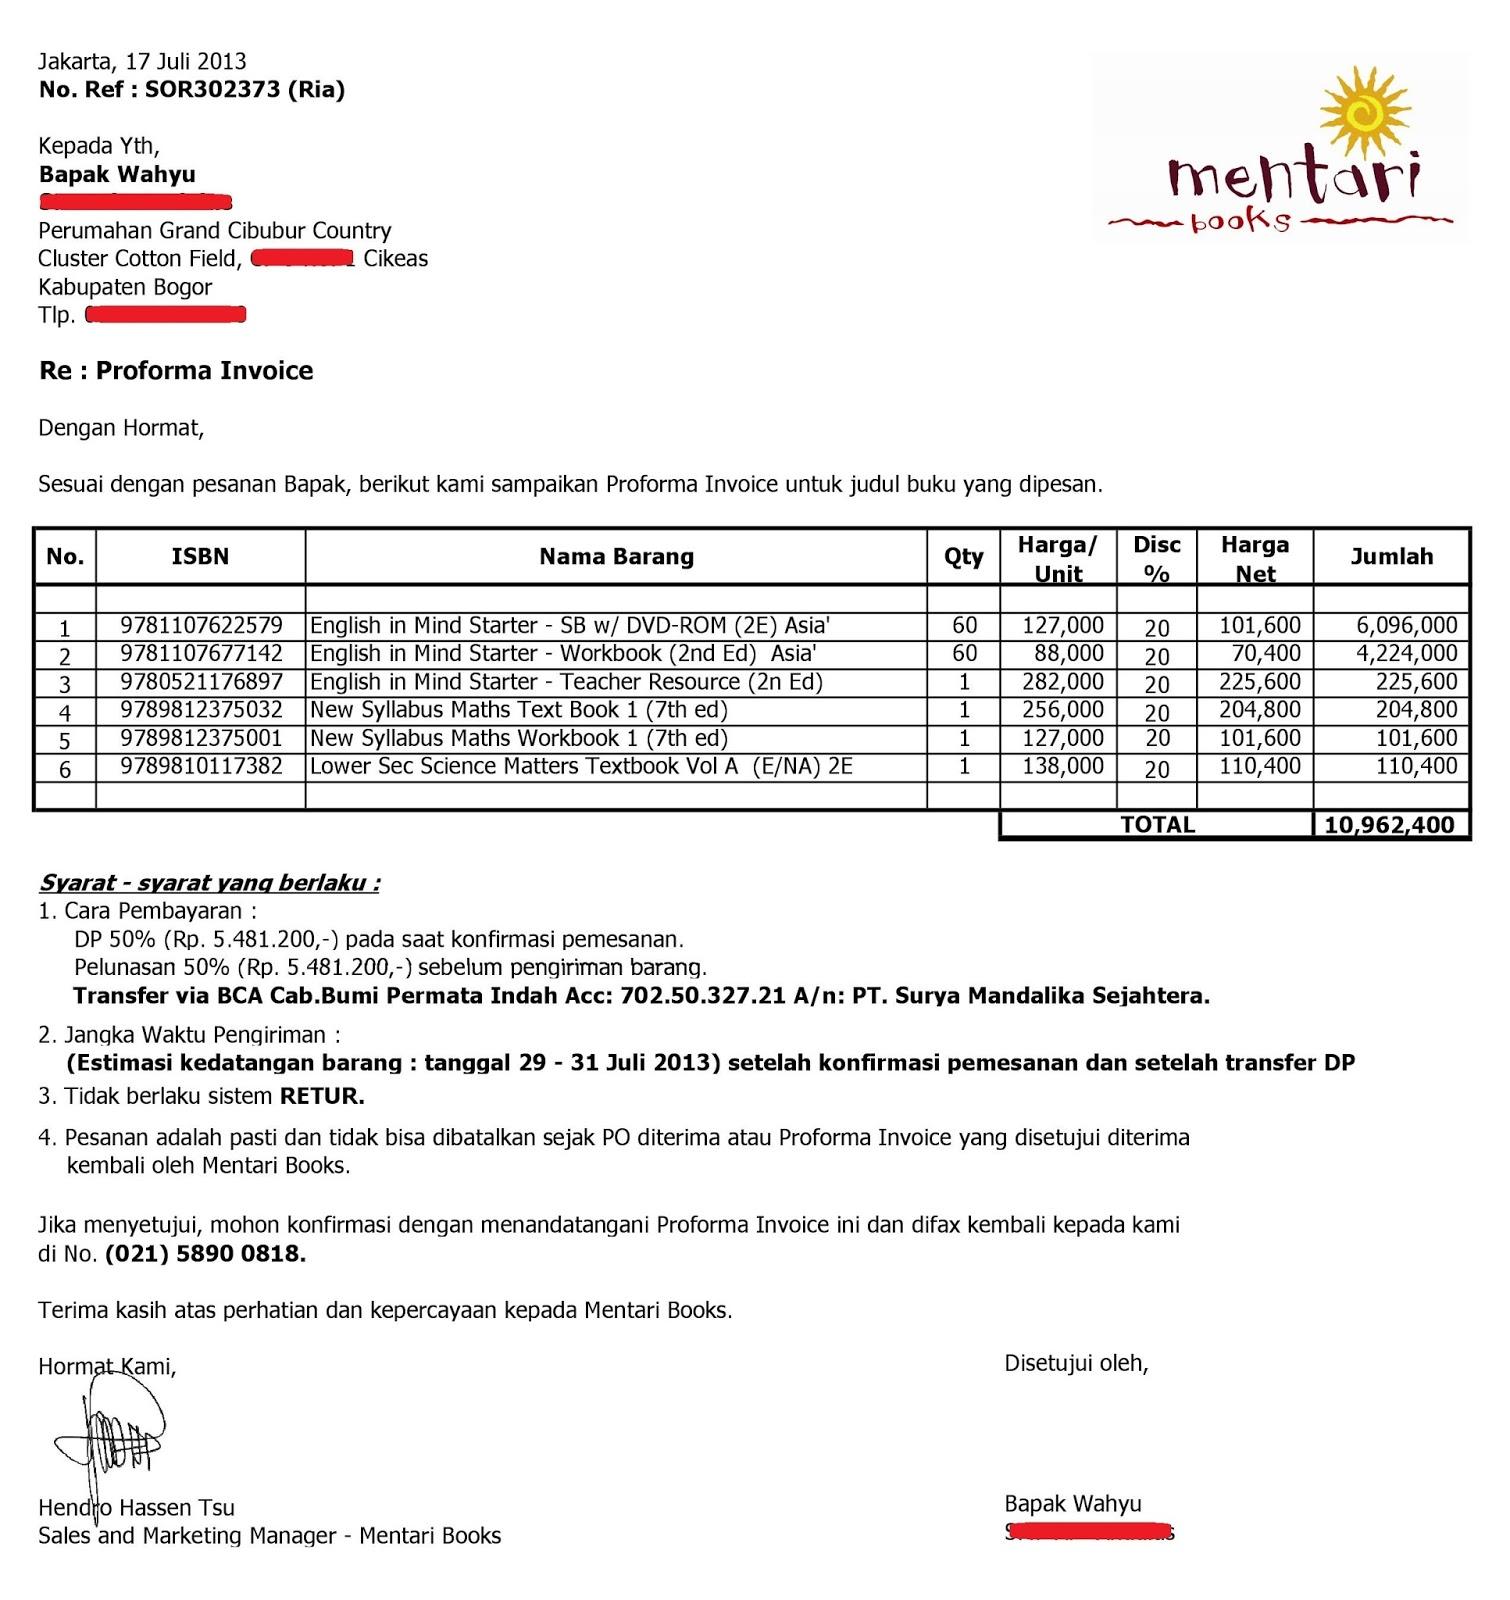 Contoh Invoice Dari Mentari Books (Pemesanan Buku)  Contoh Proforma Invoice